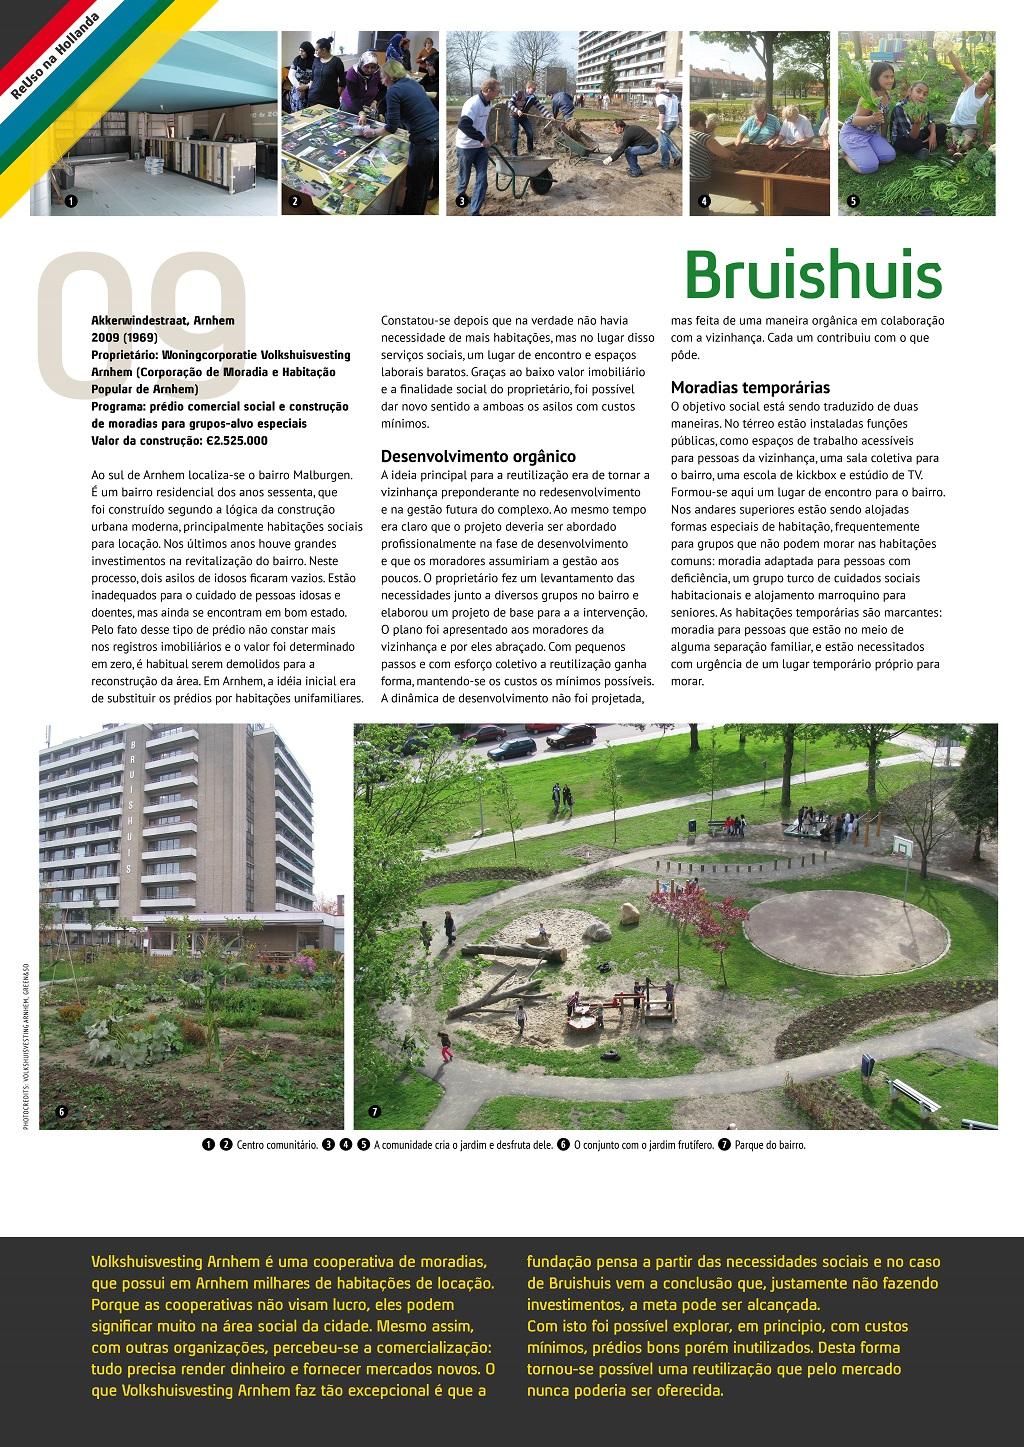 MBnl6 15 - Illustratie Bruishuis in Brazilie